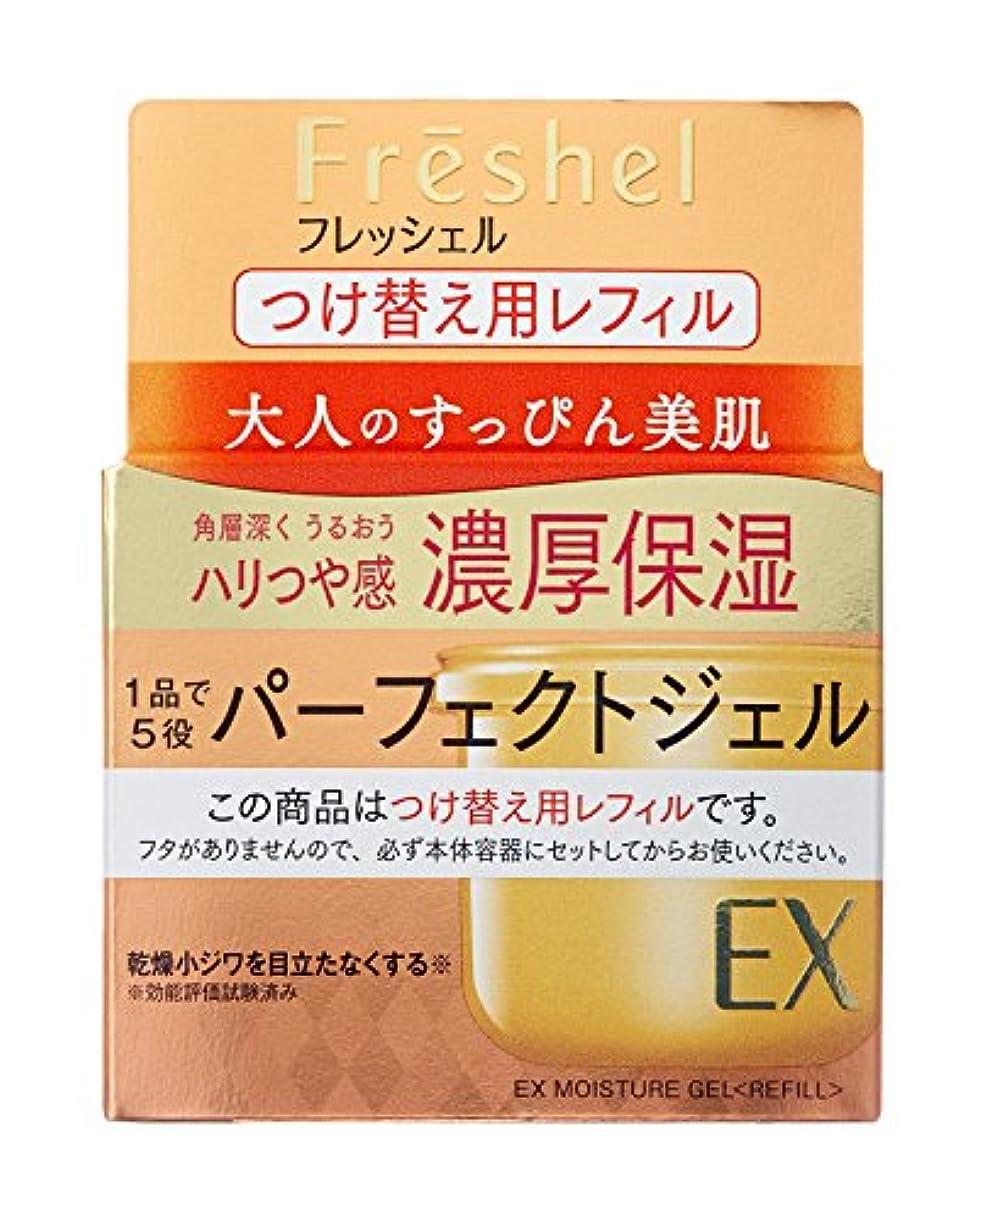 コンパイル忌まわしいコントラストフレッシェル クリーム アクアモイスチャージェル EX 濃厚保湿 N<R> 80g